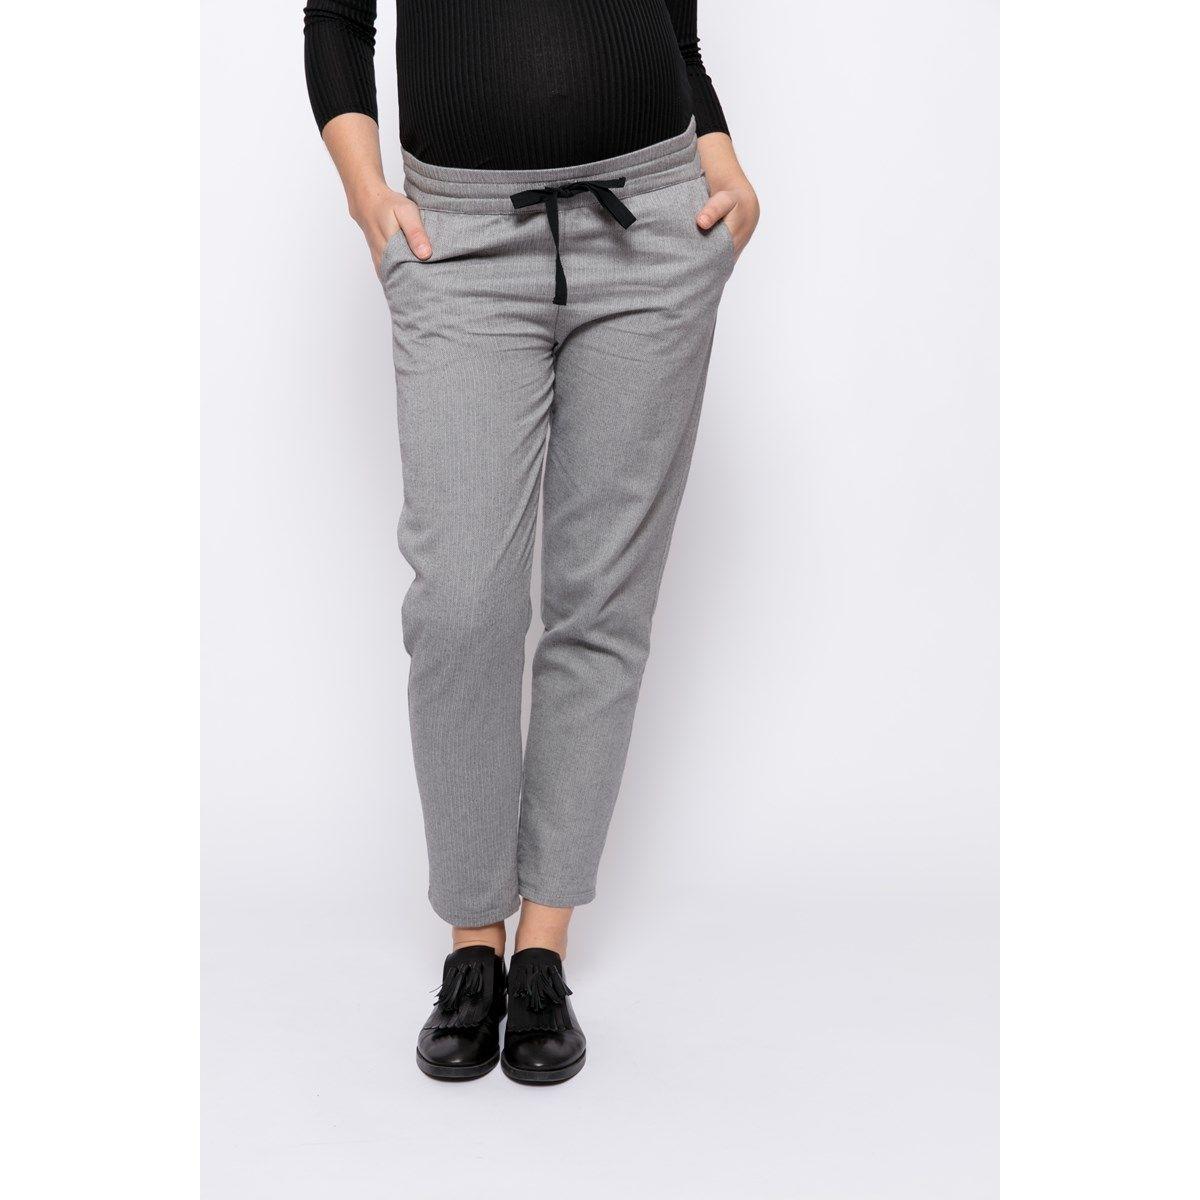 Pantalon pendant après grossesse gris confortable et chic